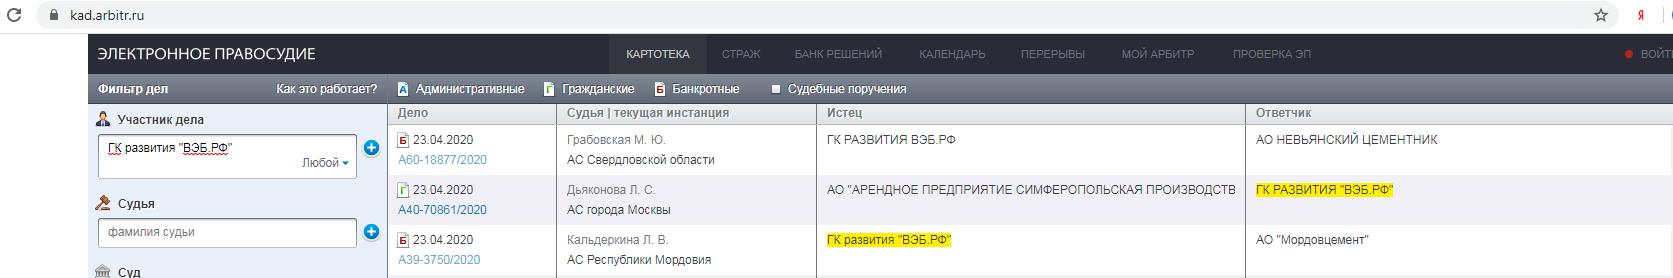 Bezymjannyj.png